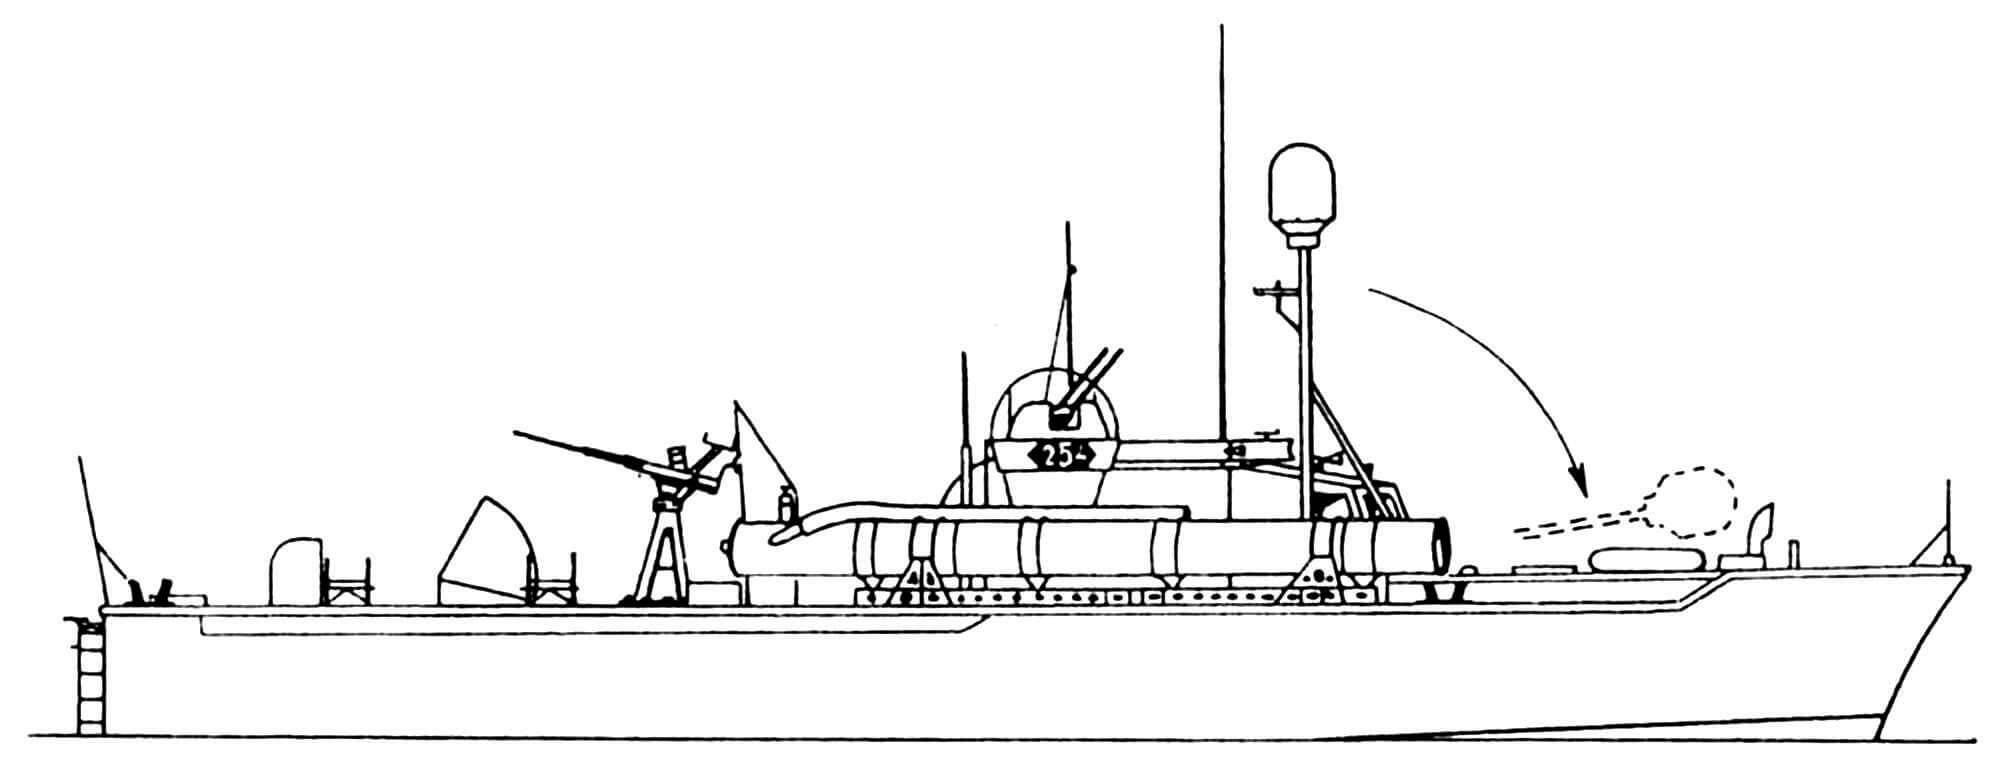 ТК-254, оборудованный складной мачтой с радаром типа SO-13.